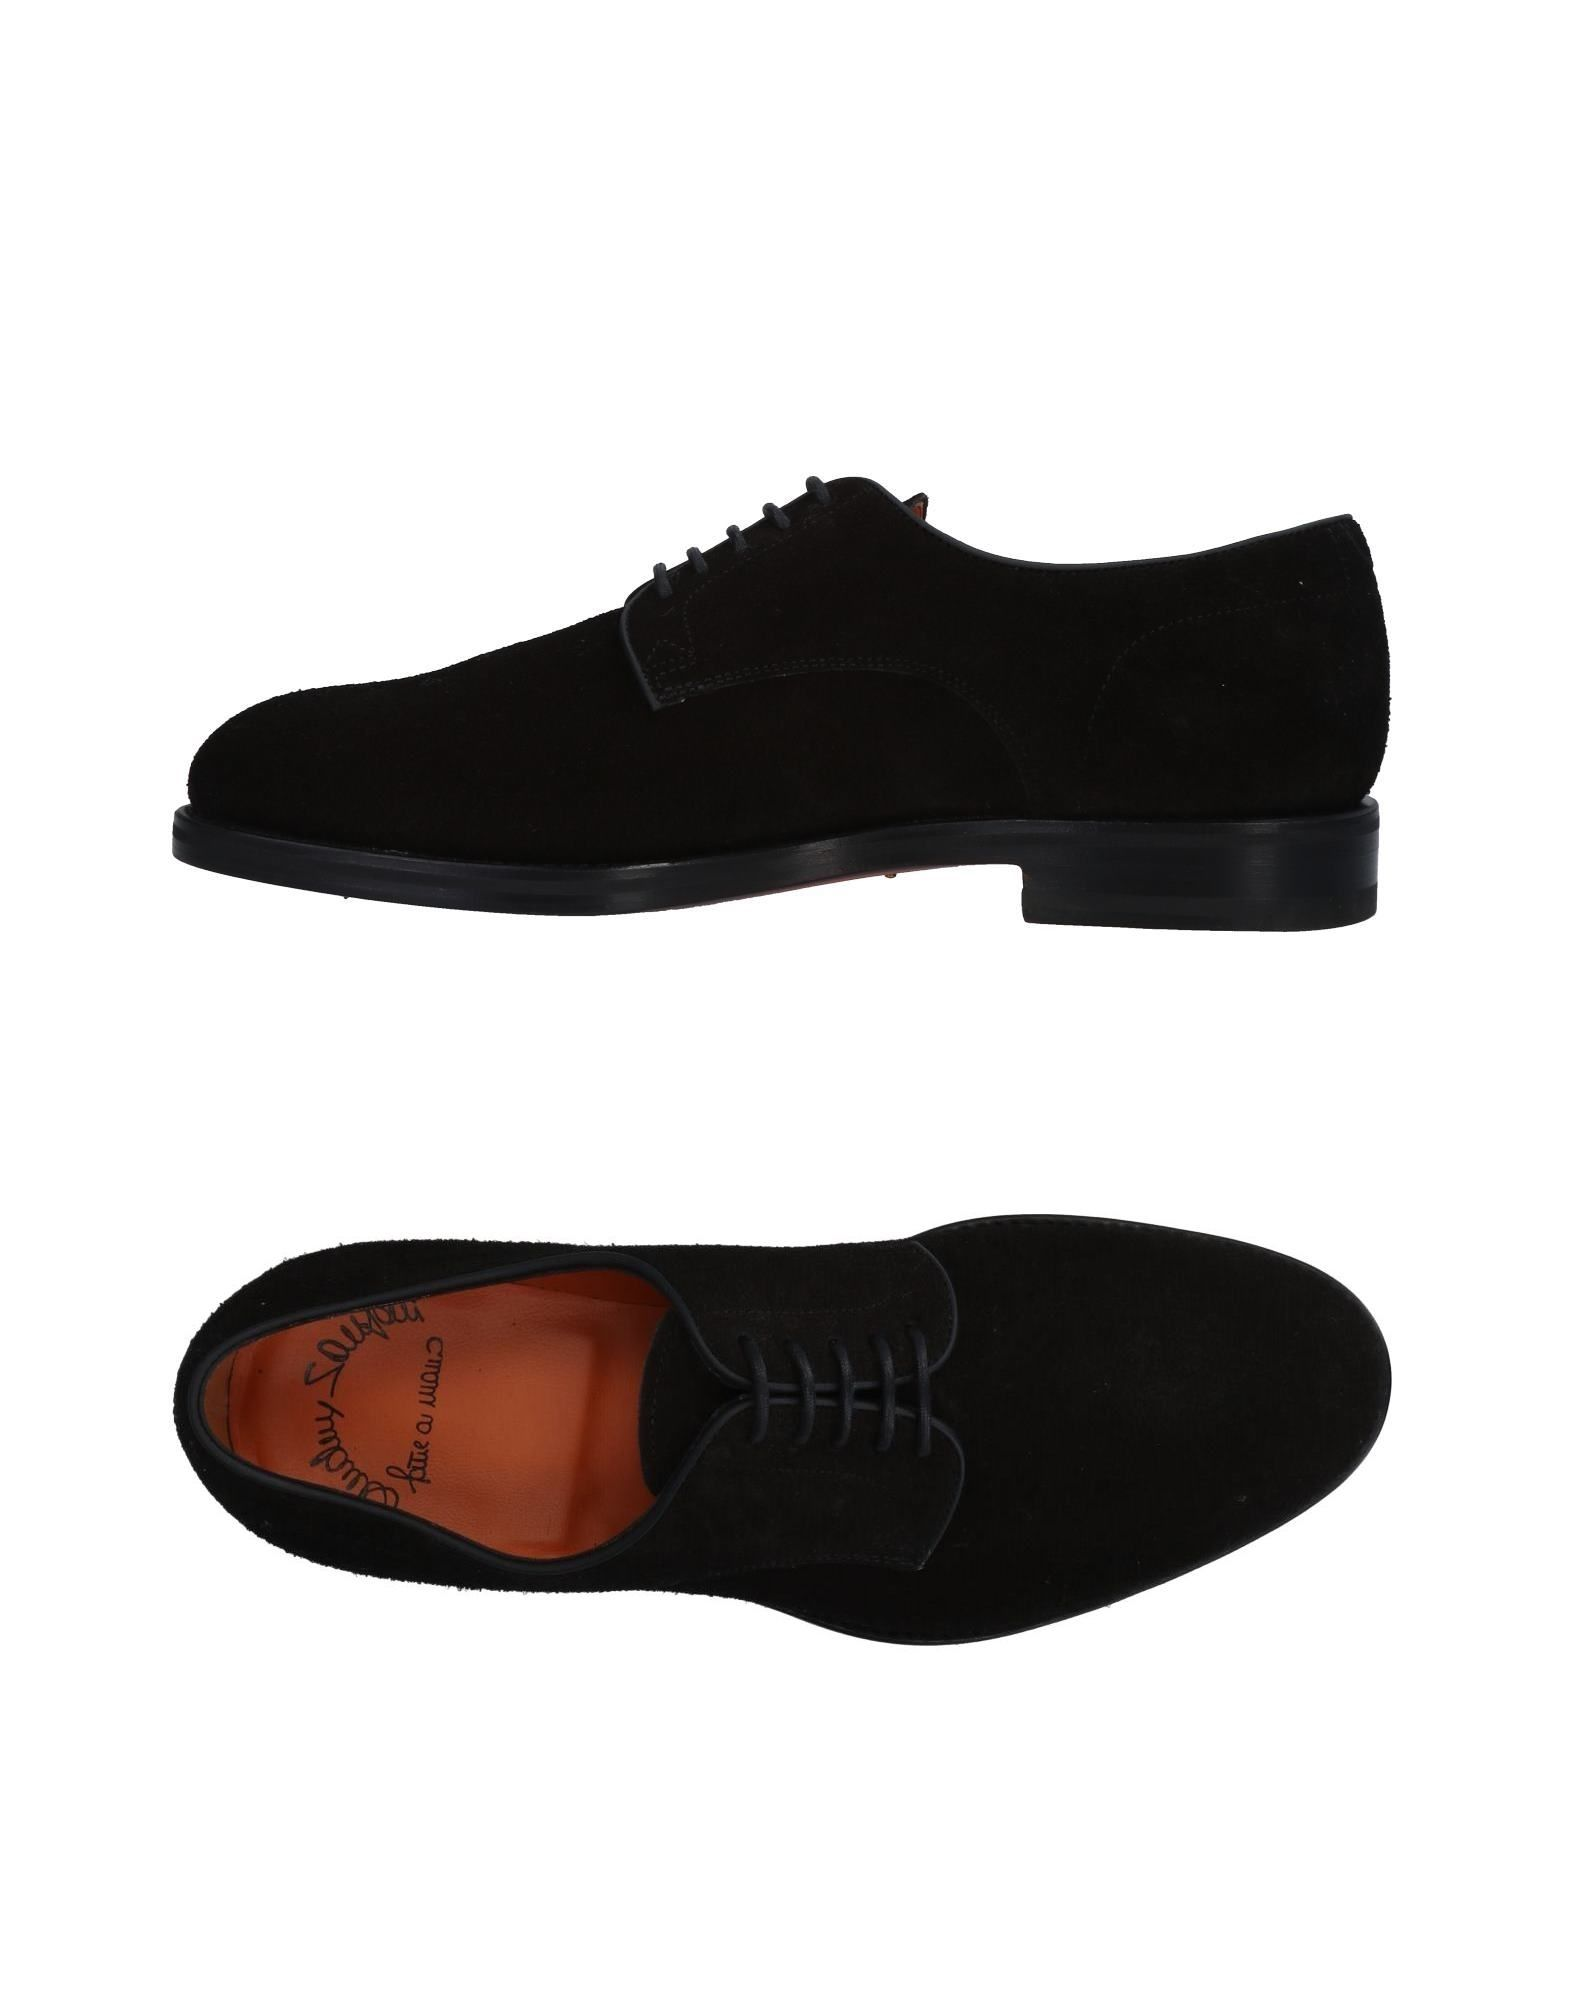 Santoni Schnürschuhe Herren  11478860OB Gute Qualität beliebte Schuhe